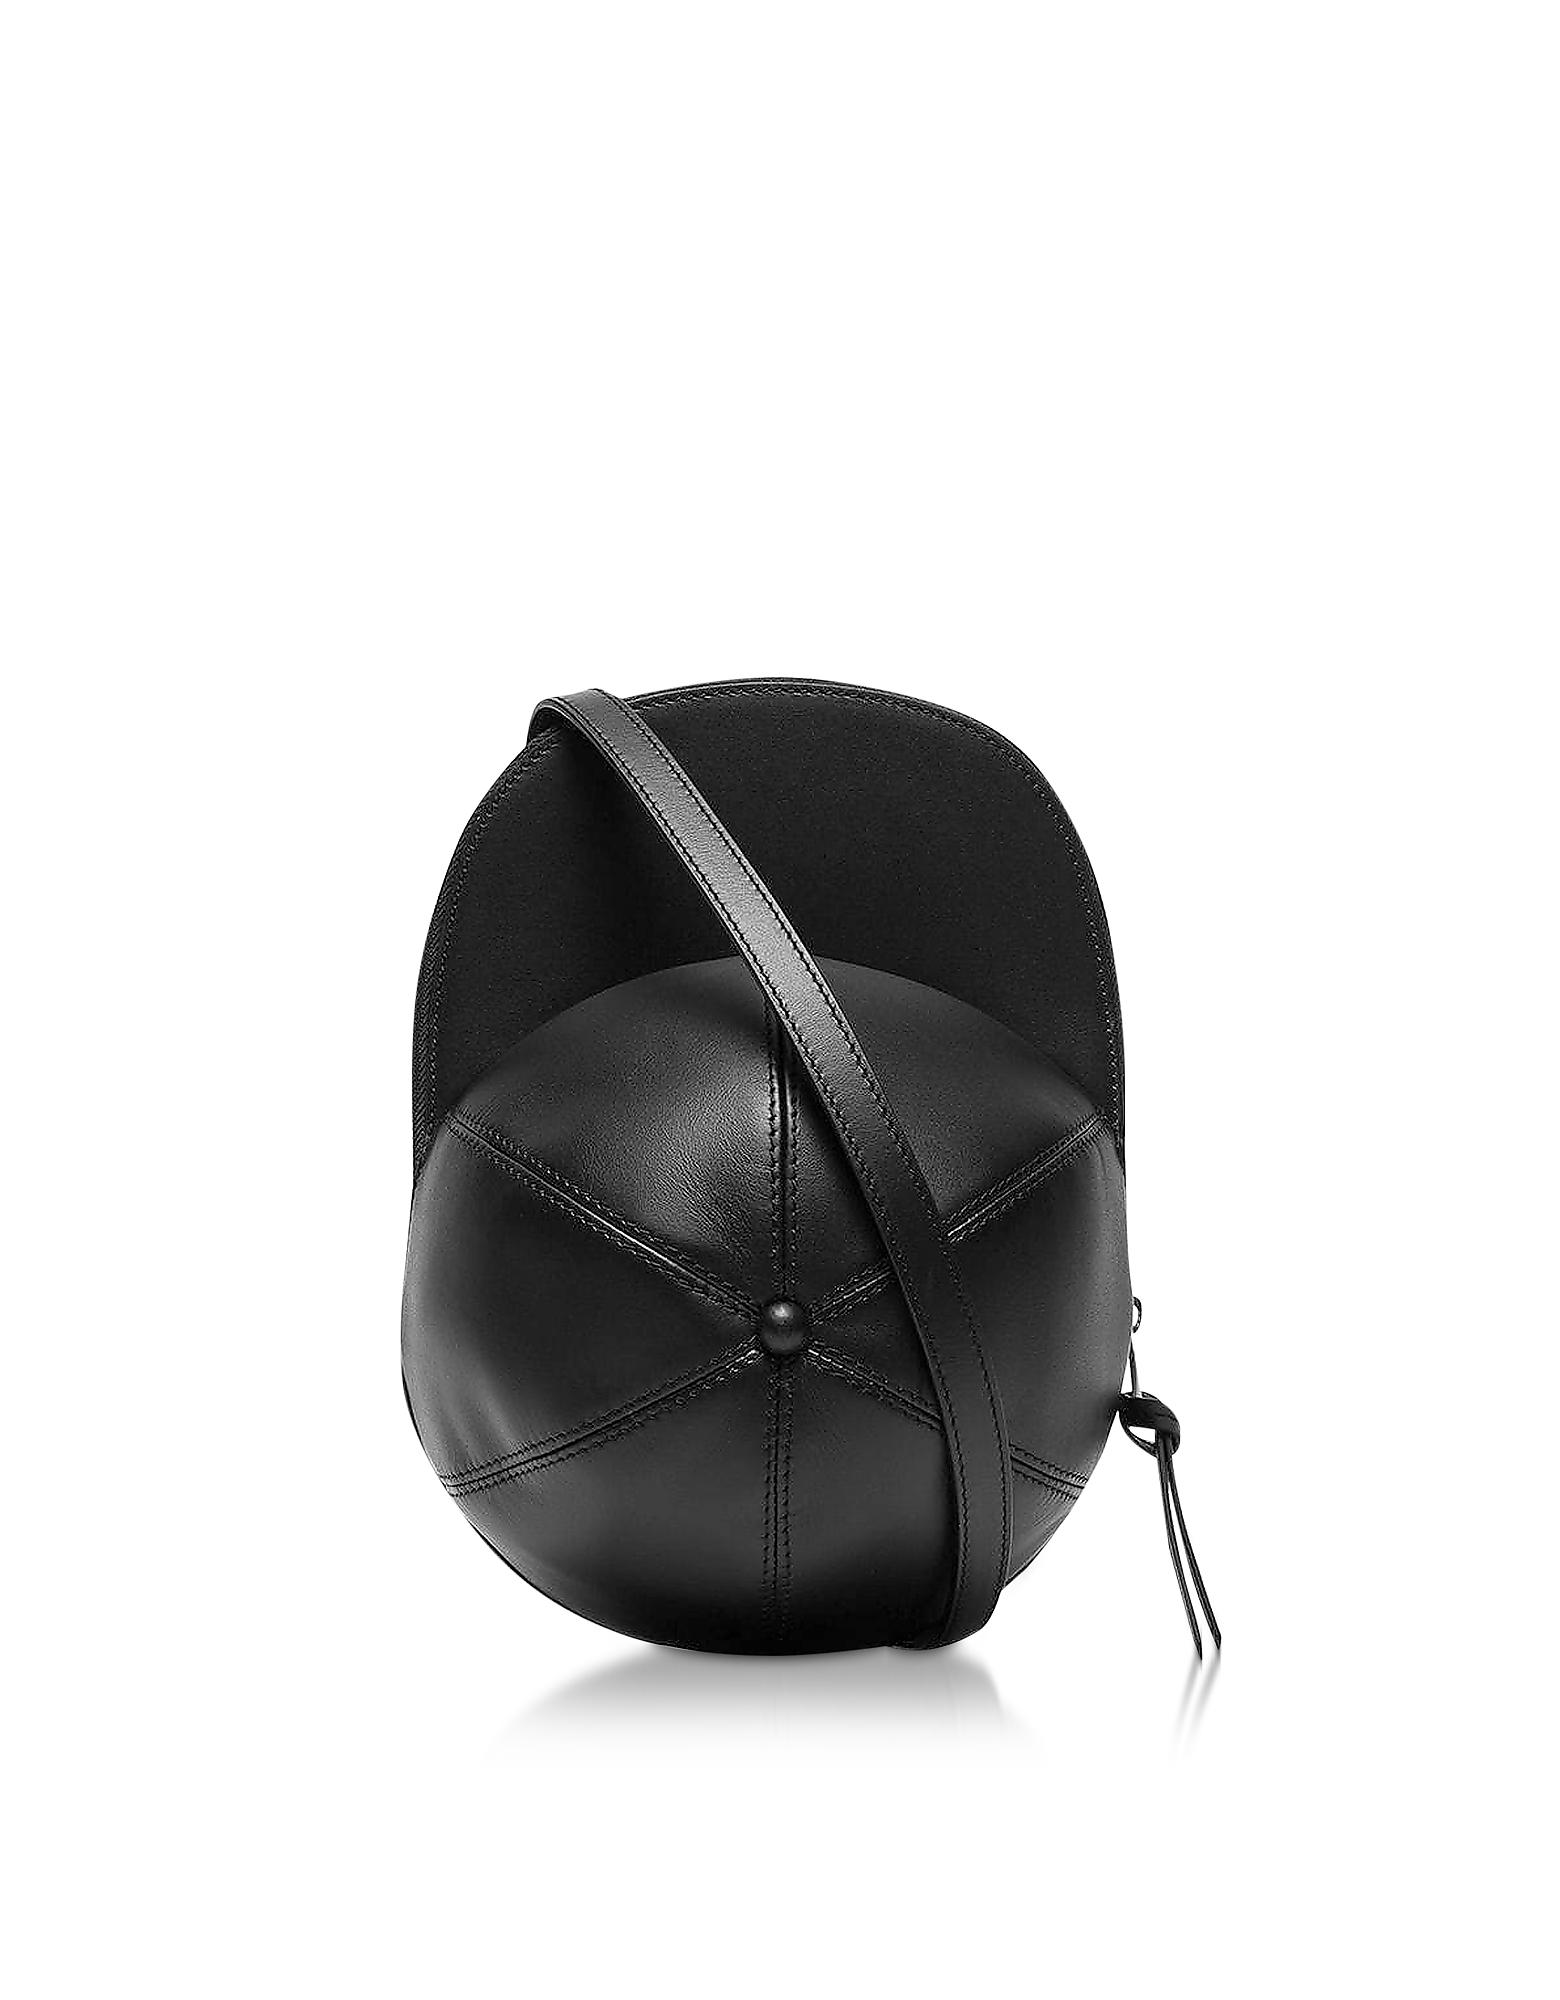 Cap Leather Bag, Black